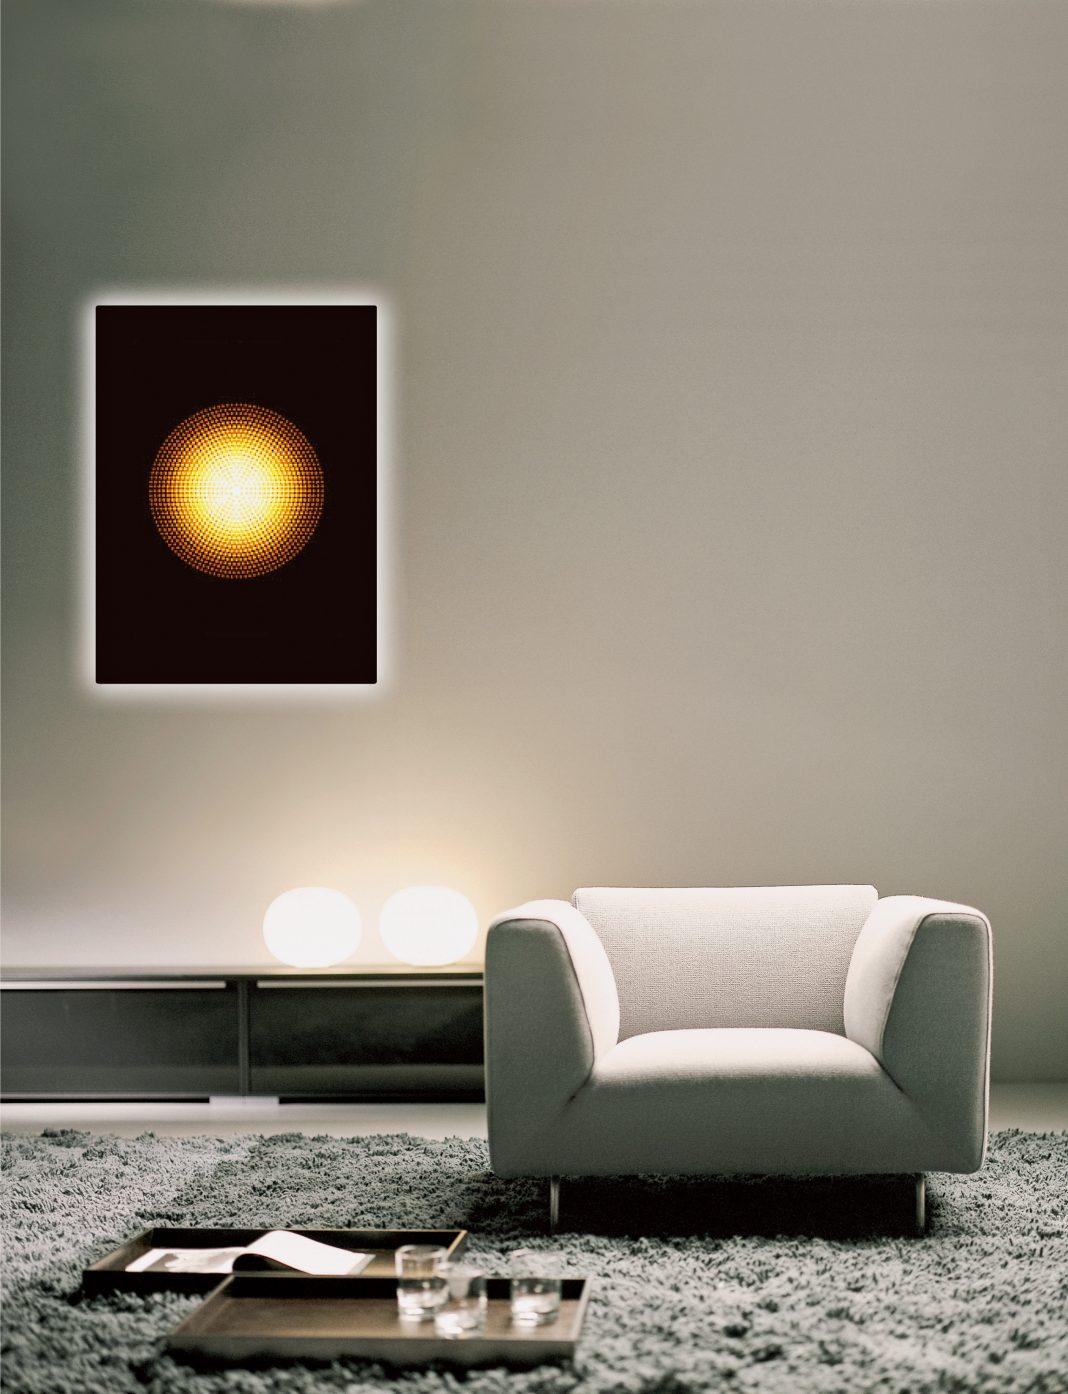 Atmosphäre pur: Mit den innovativen LAVA Design-Infrarotheizkörpern von ETHERMA zieht nicht nur wohlige Wärme in den Wohnraum ein, sondern auch ein stylisches Ambiente. (Foto: epr/ETHERMA)